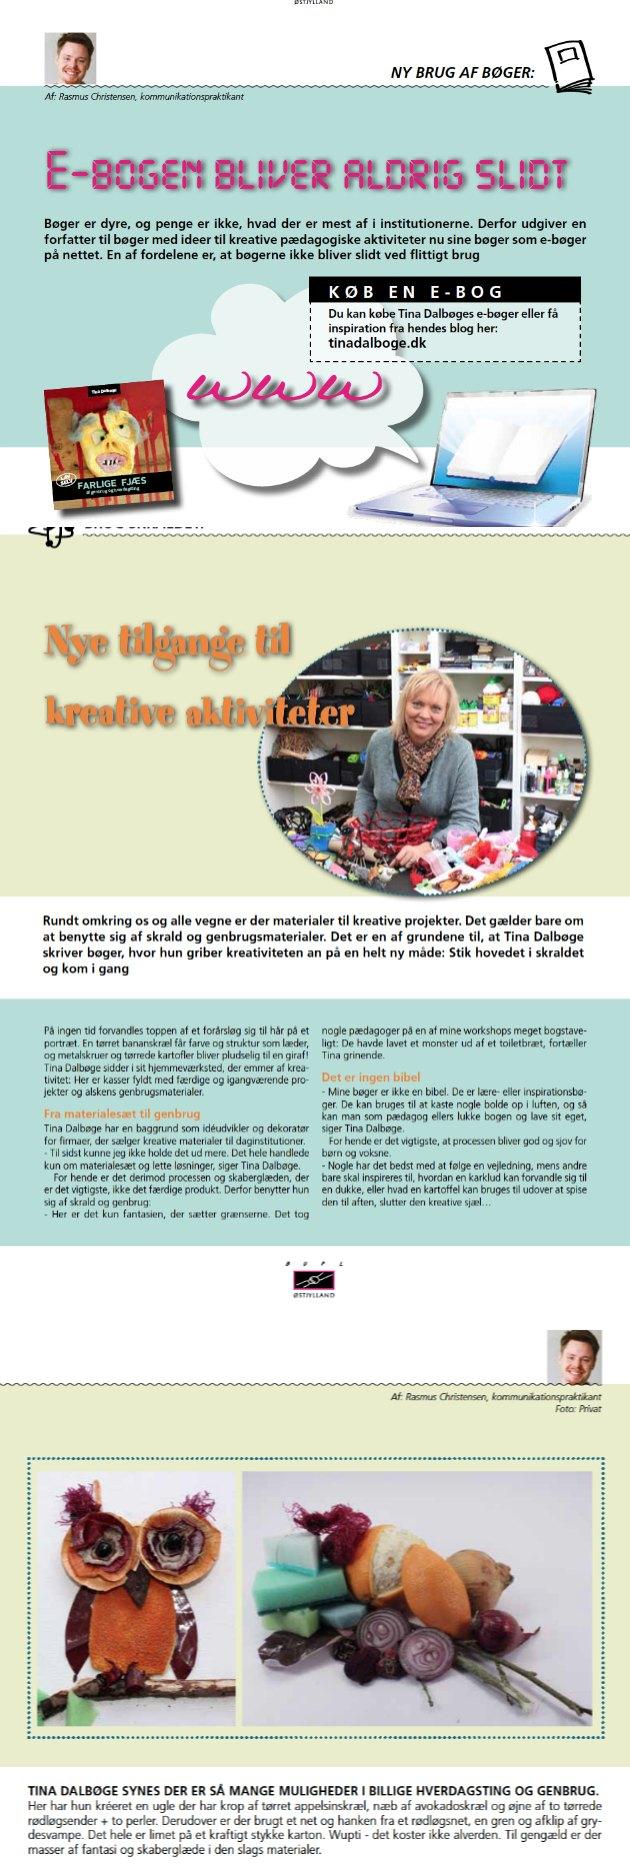 omtale af Tina Dalbøges ideer i BUPLs medlemsblad